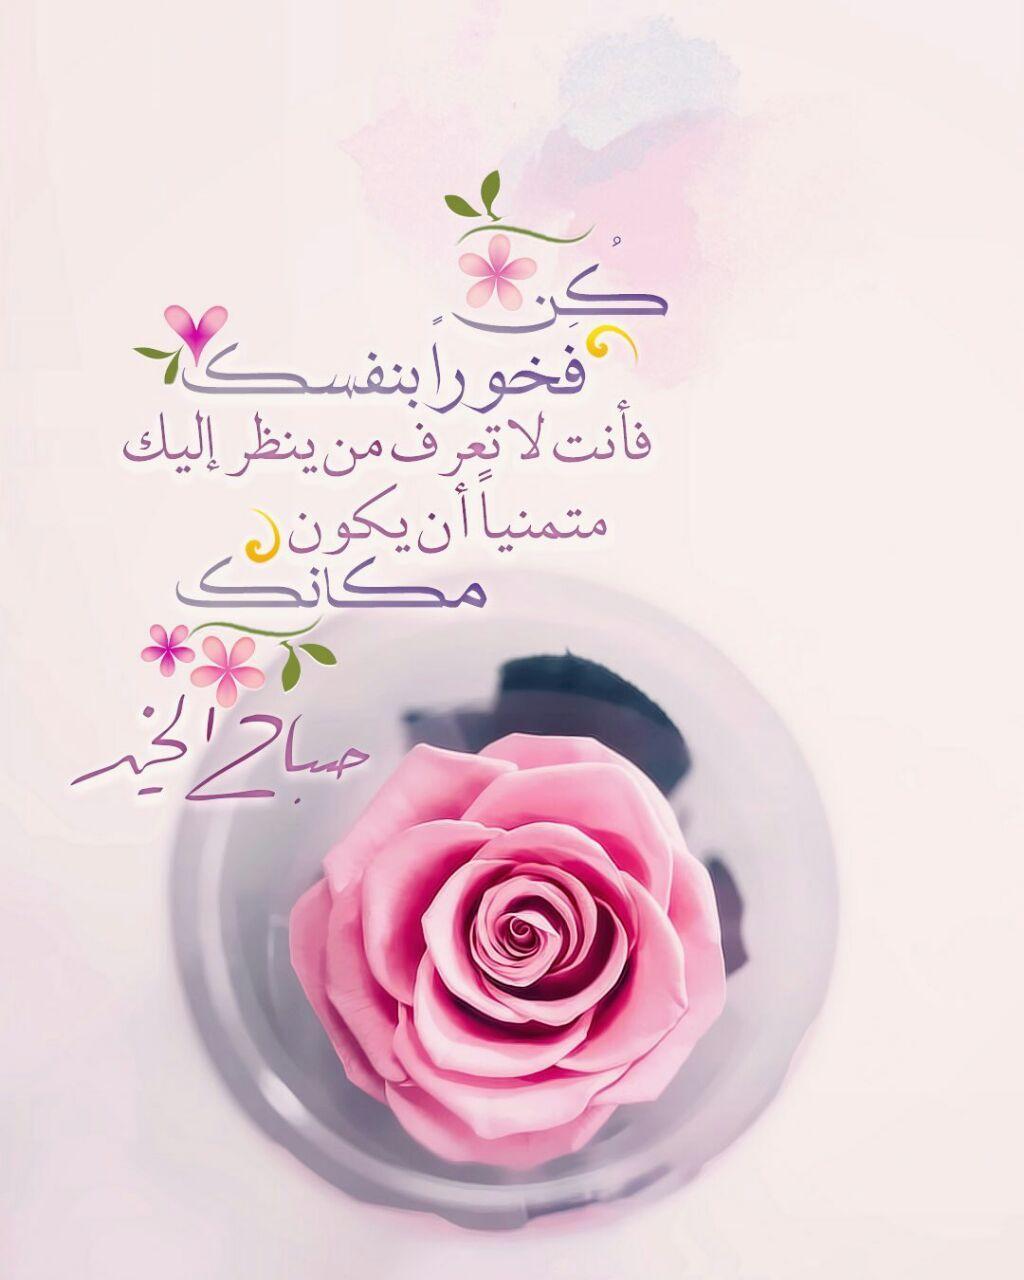 auf arabisch guten morgen